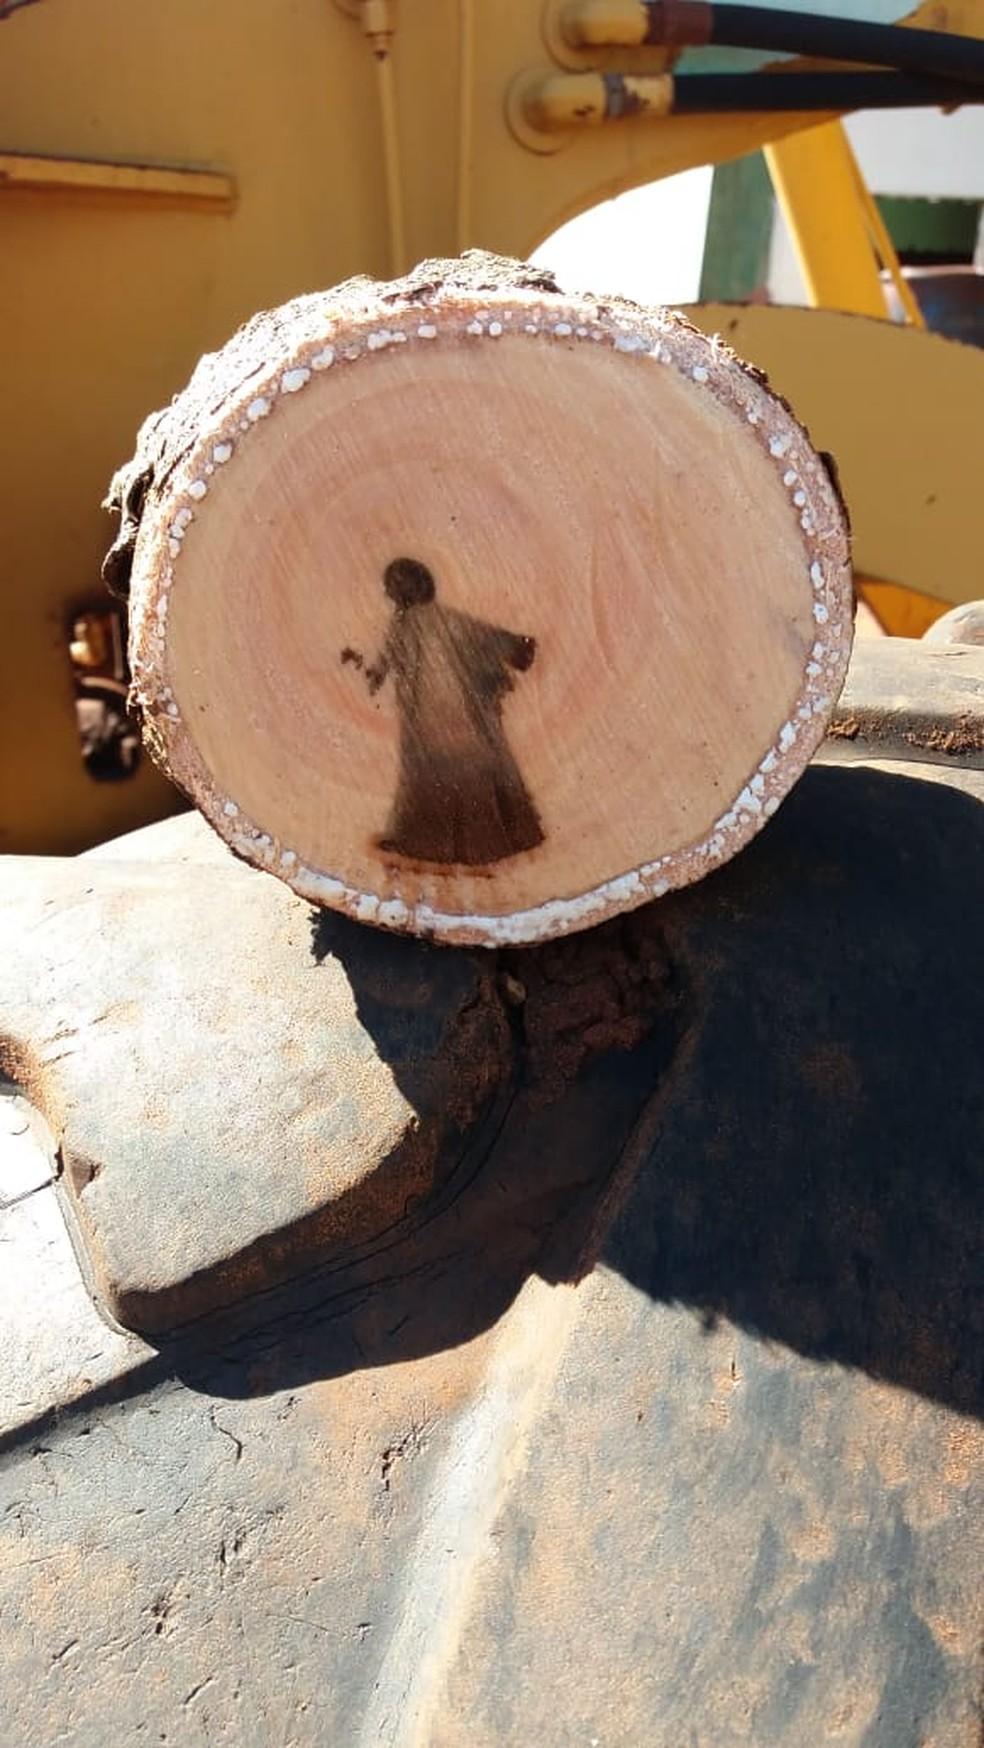 Tronco após ser cortado em duas partes. — Foto: Odimar Souza